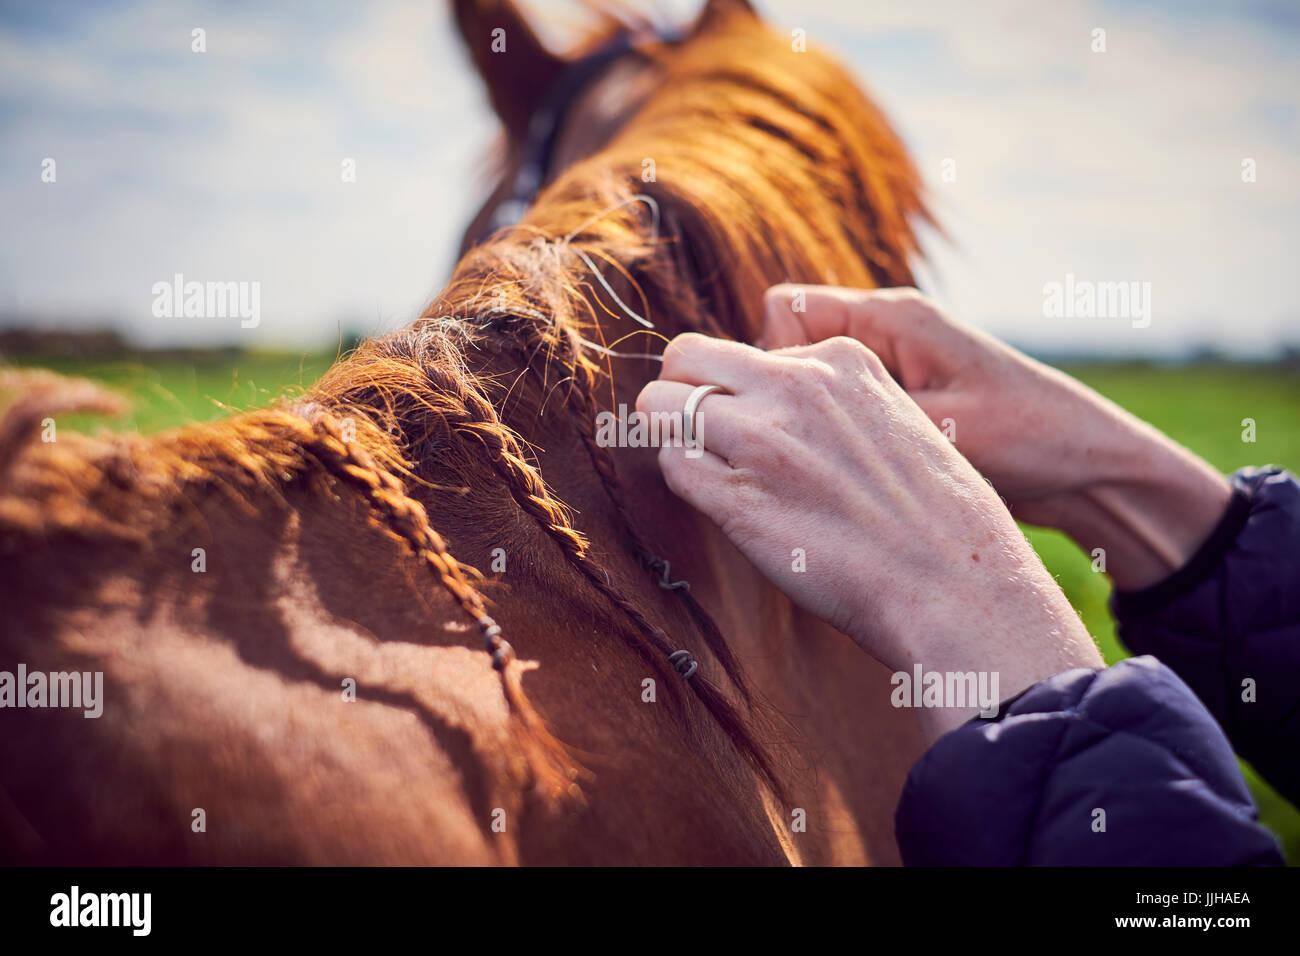 Una joven mujer arreglar su caballo en un prado. Imagen De Stock